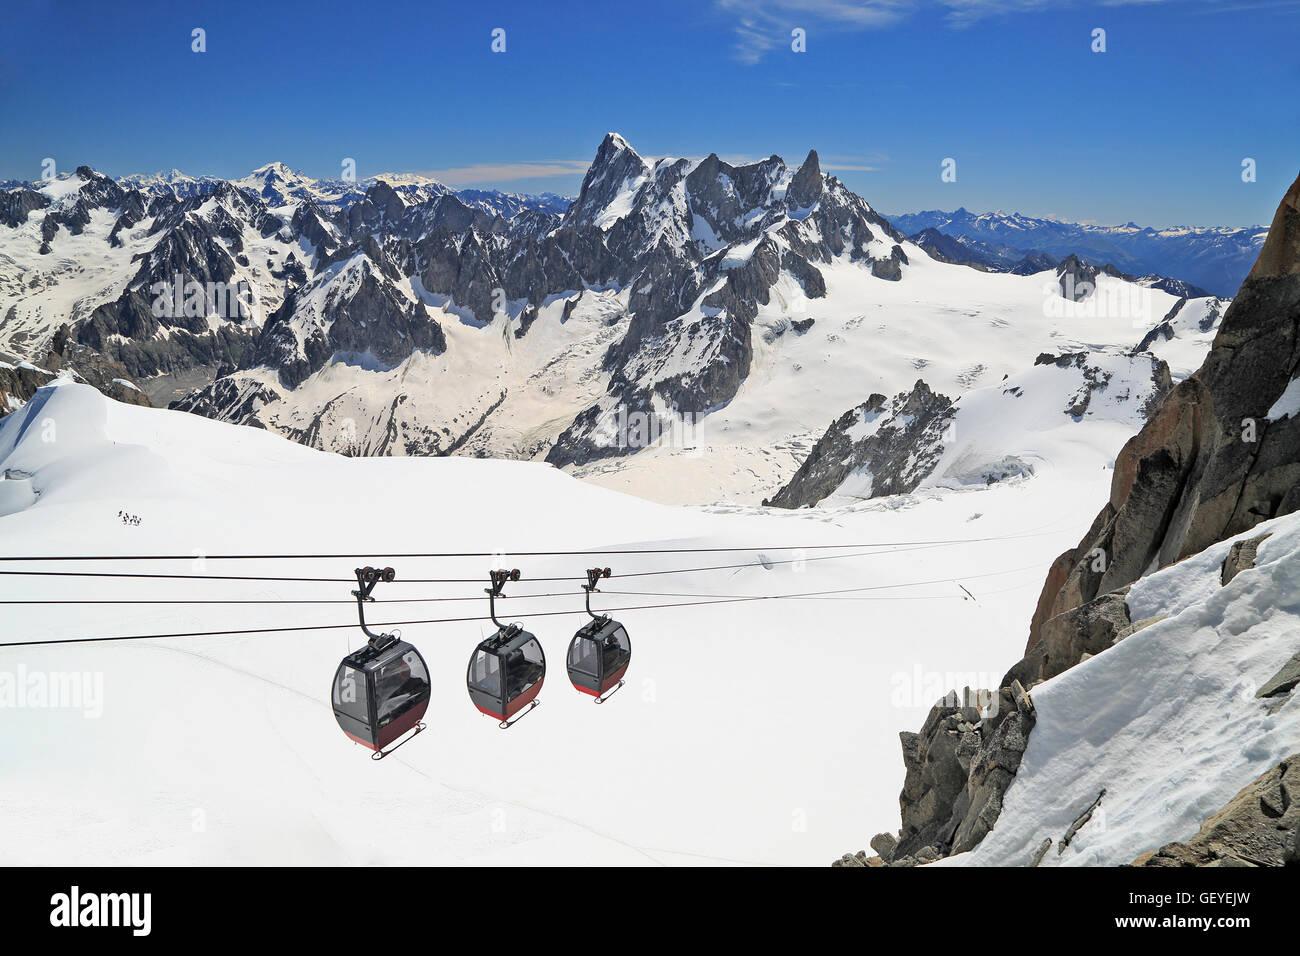 Turisti che si godono il paesaggio maestoso in gondole dalla Punta Helbronner a Aiguille du Midi, Francia Immagini Stock